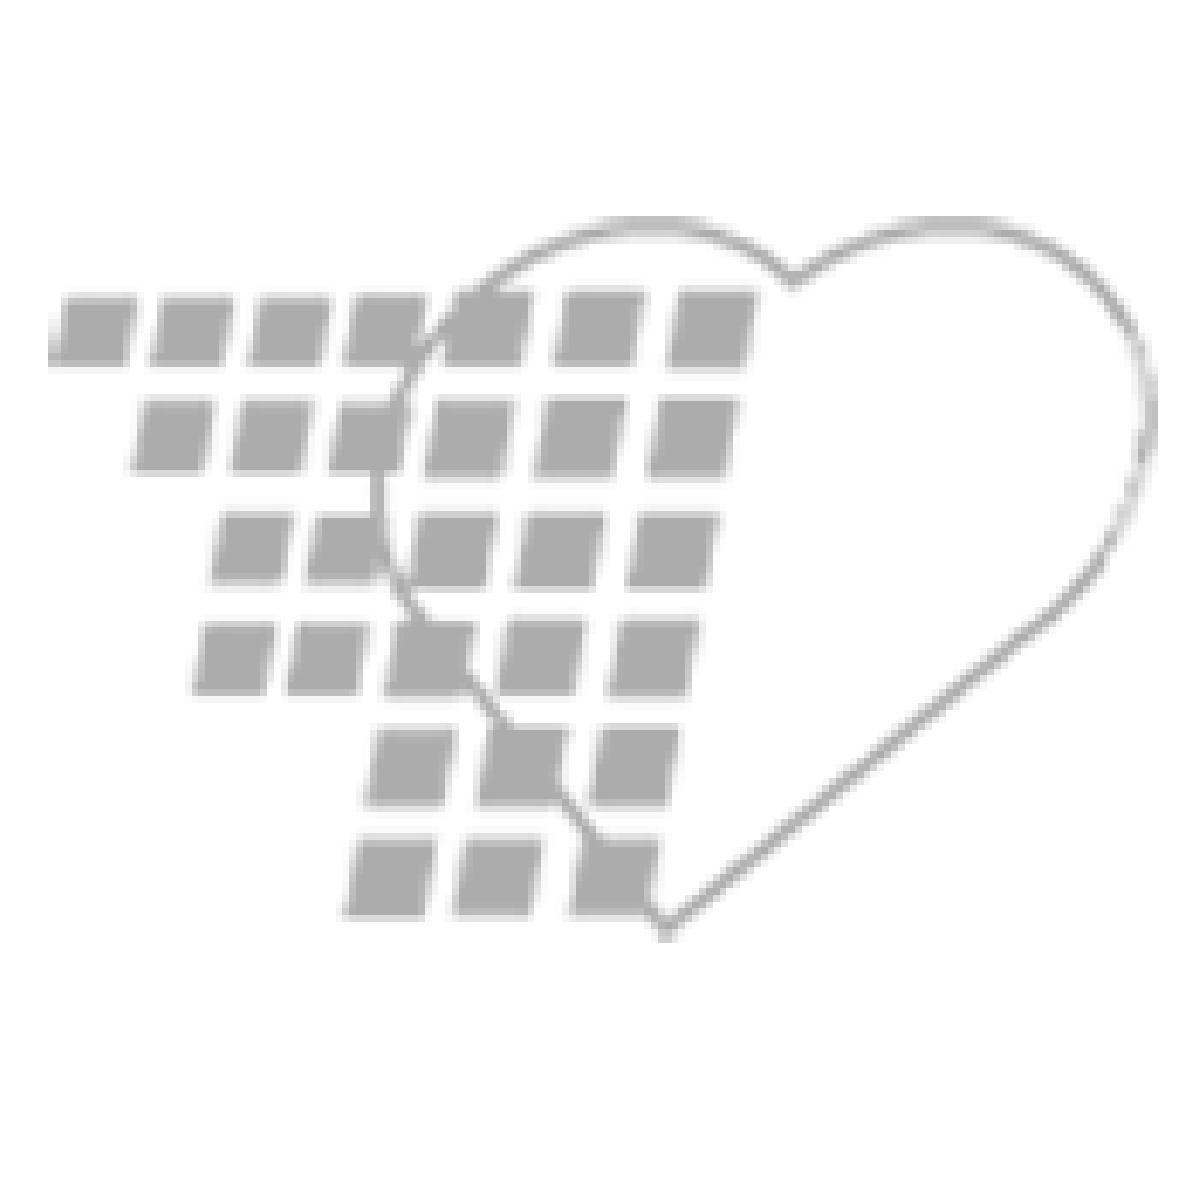 """06-26-2420 Terumo SURFLASH® Non-Safety I.V. Catheter 24G x 3/4"""""""